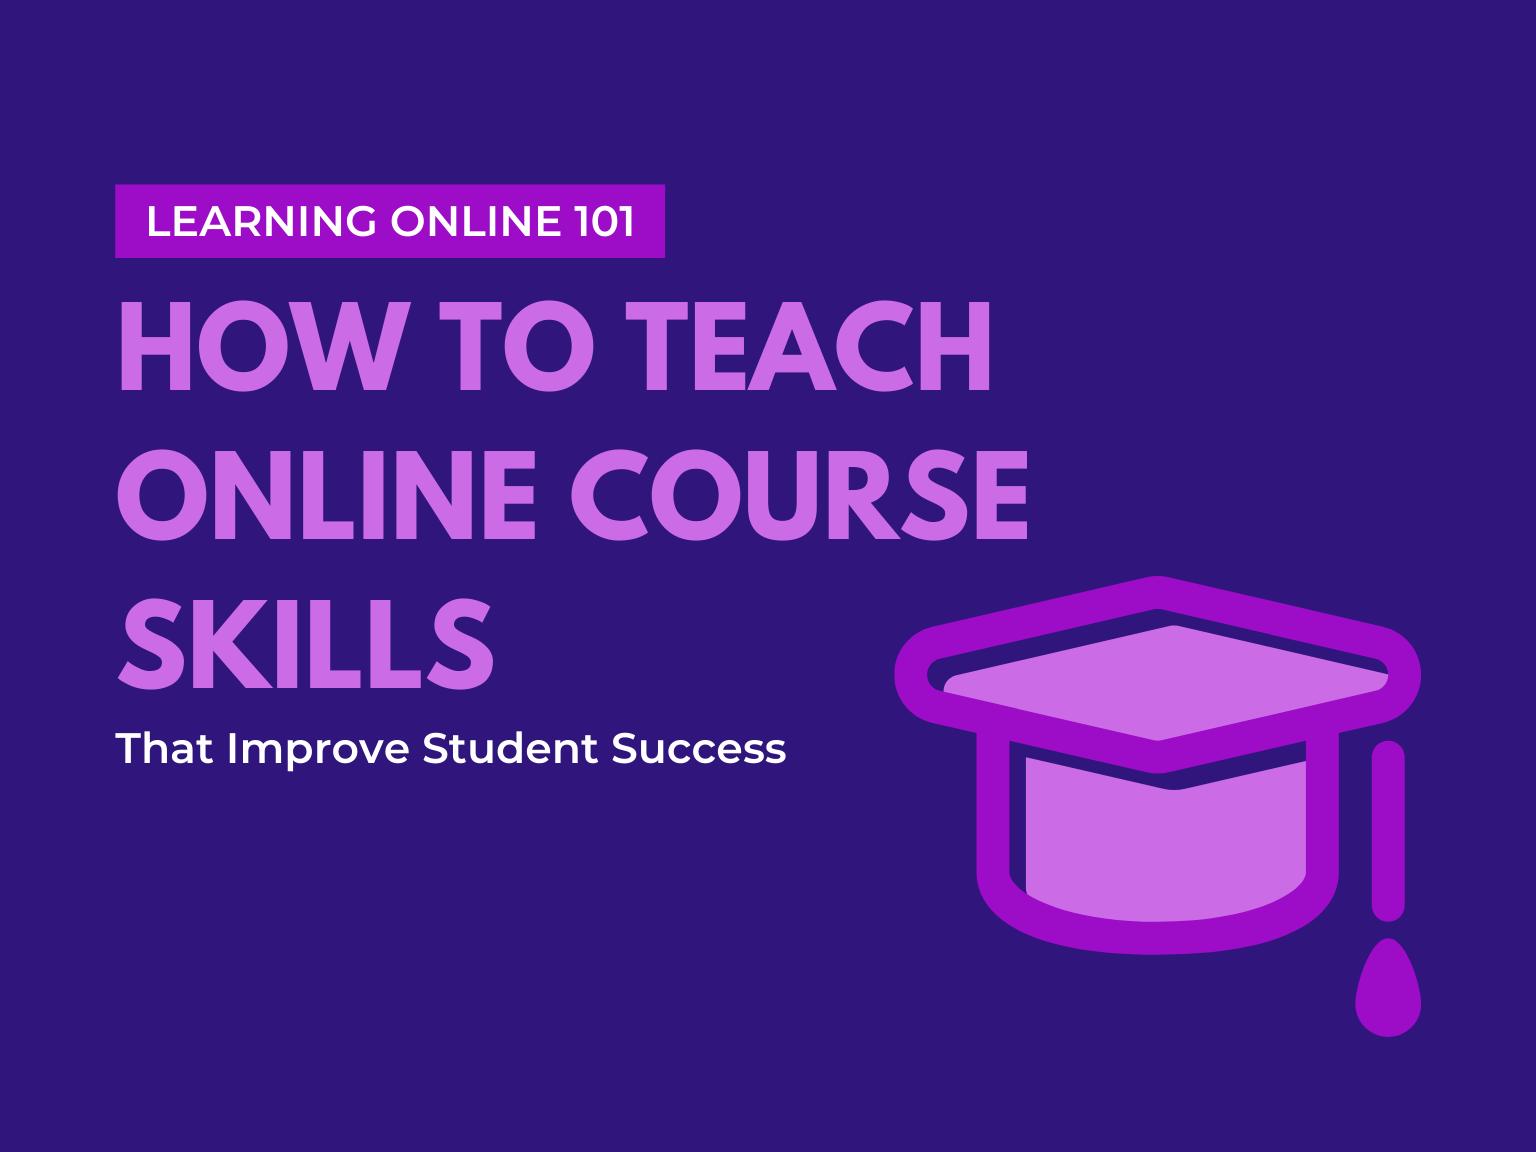 teach online course skills